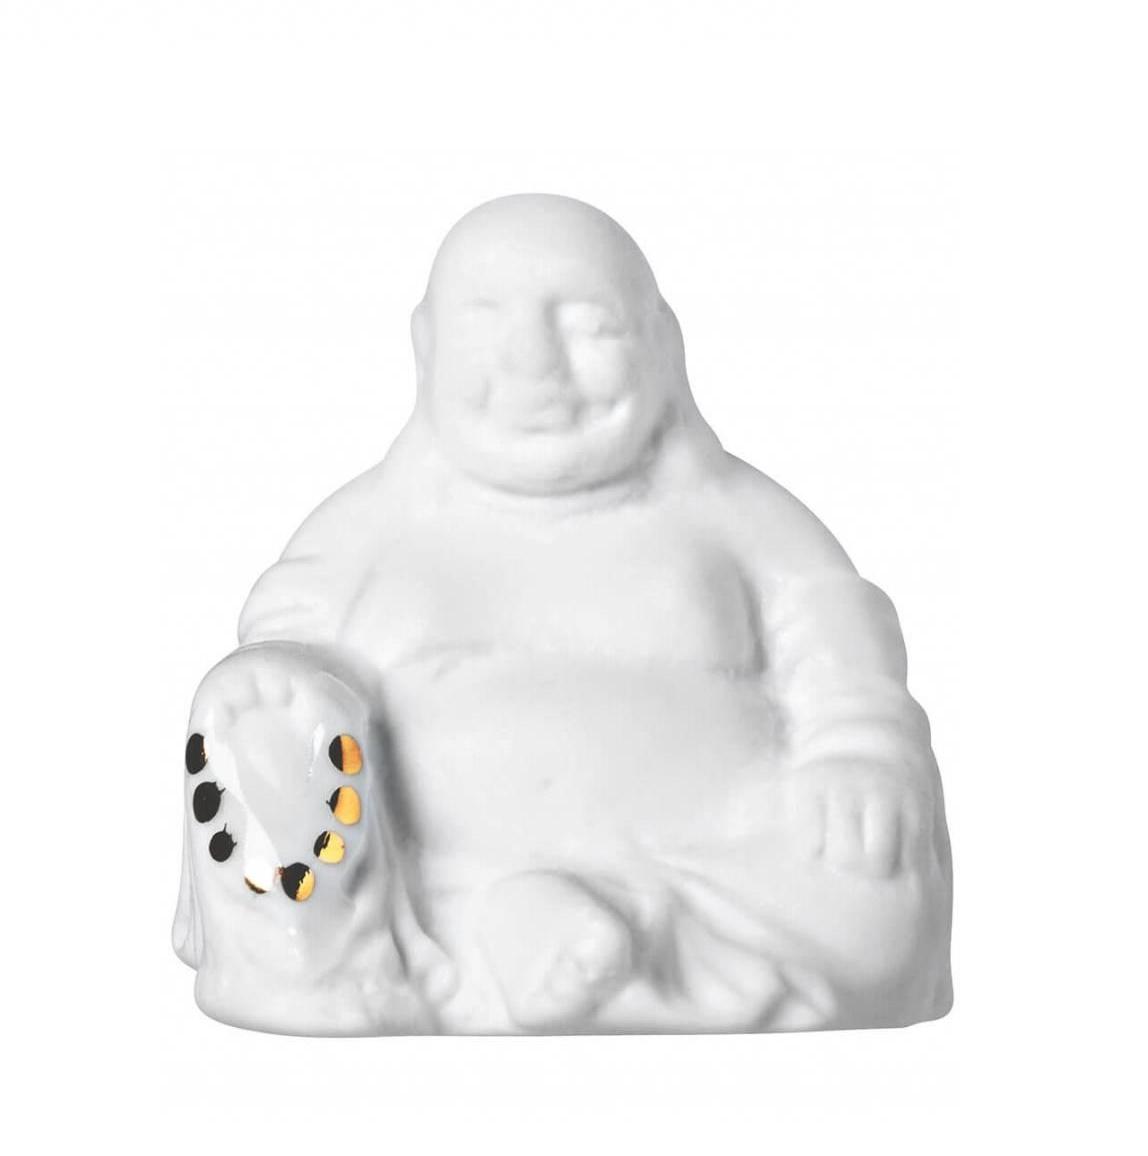 Lucky box relax buddha